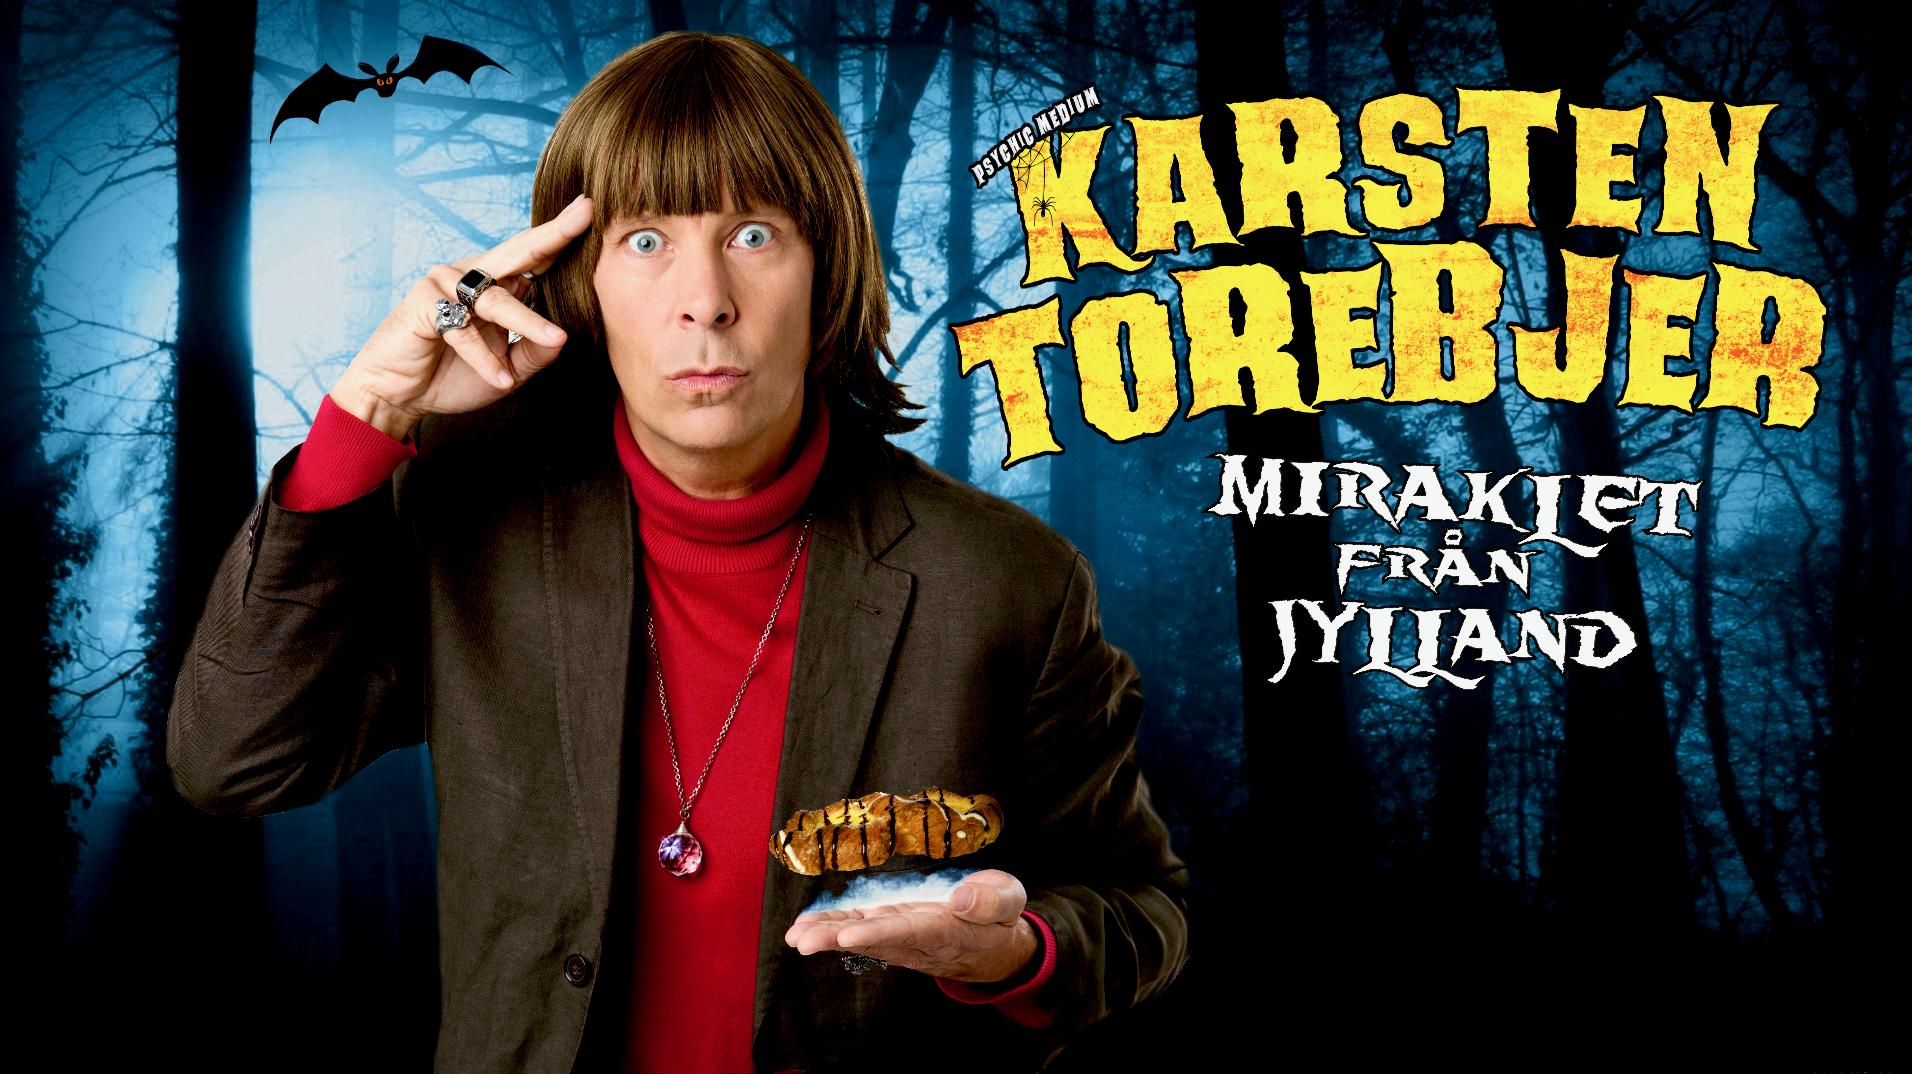 Karsten Torebjer, Miraklet från Gylland